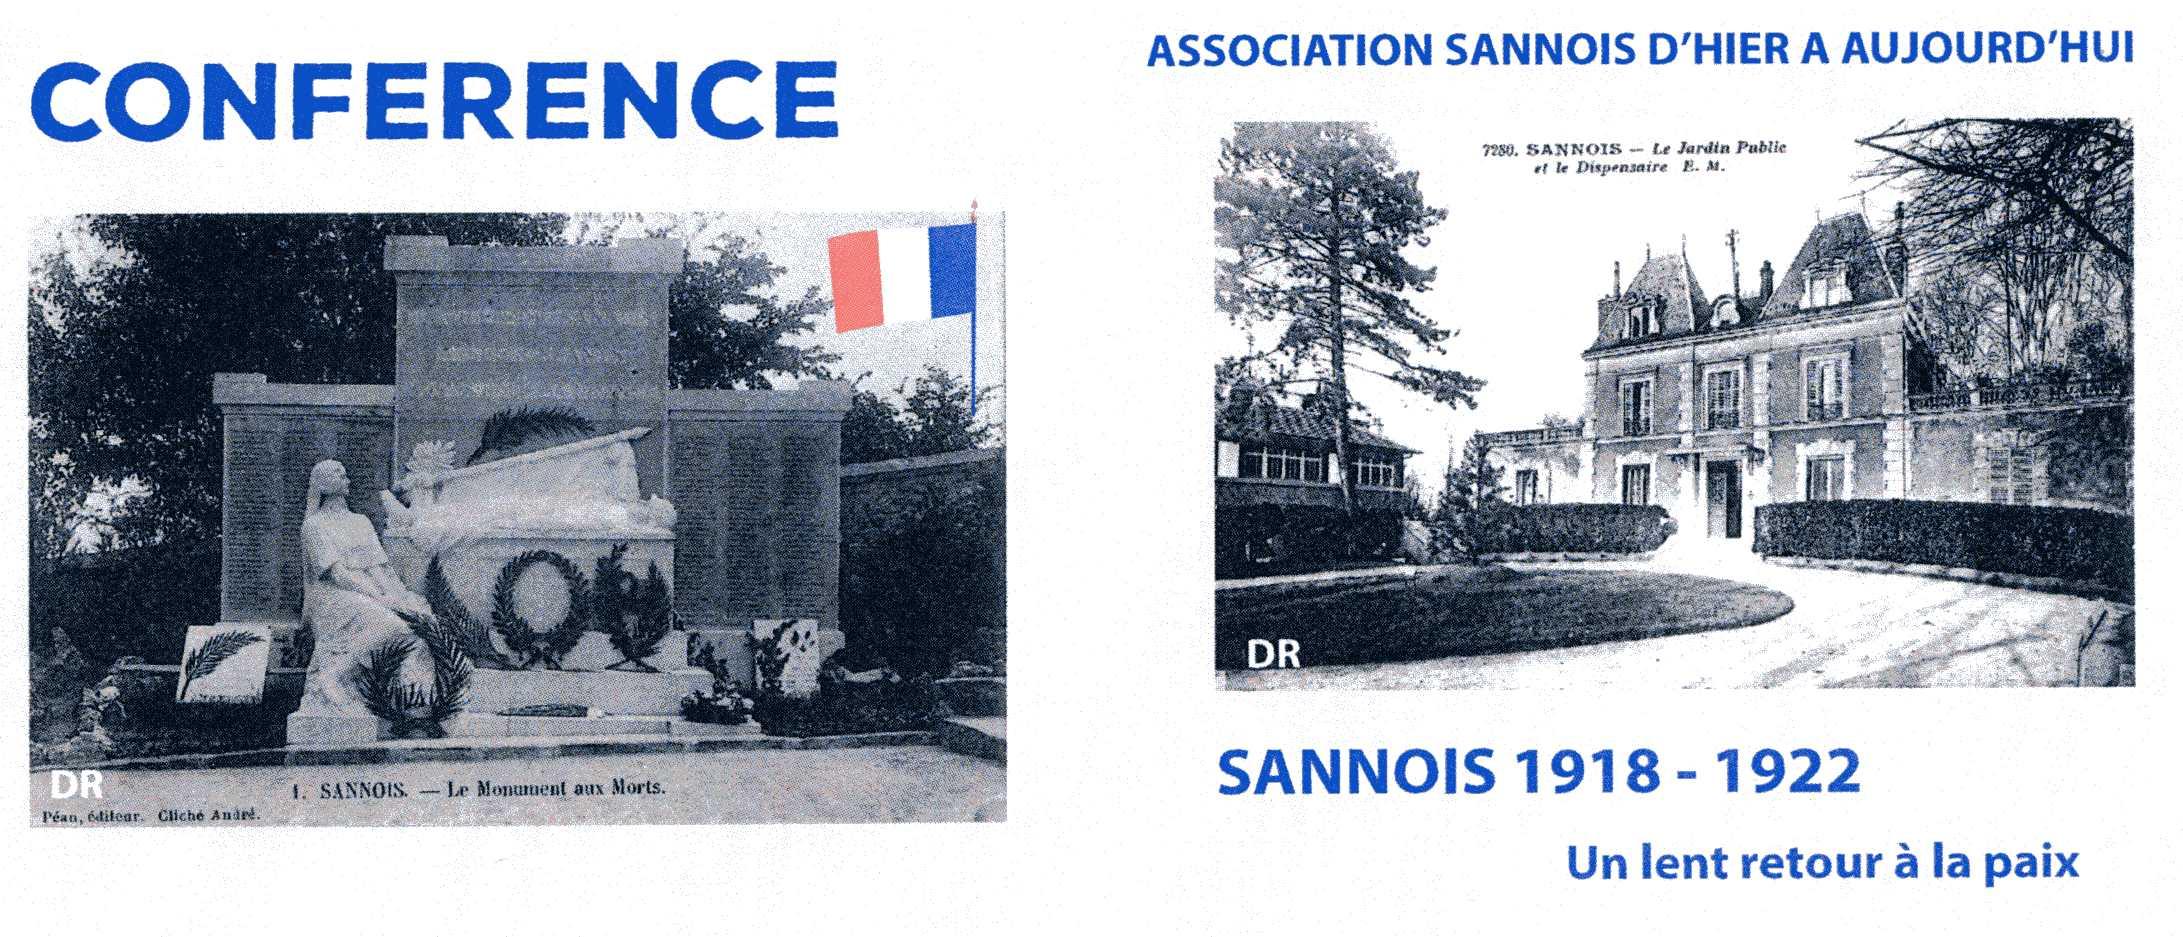 Conférence Sannois 1918 - 1922